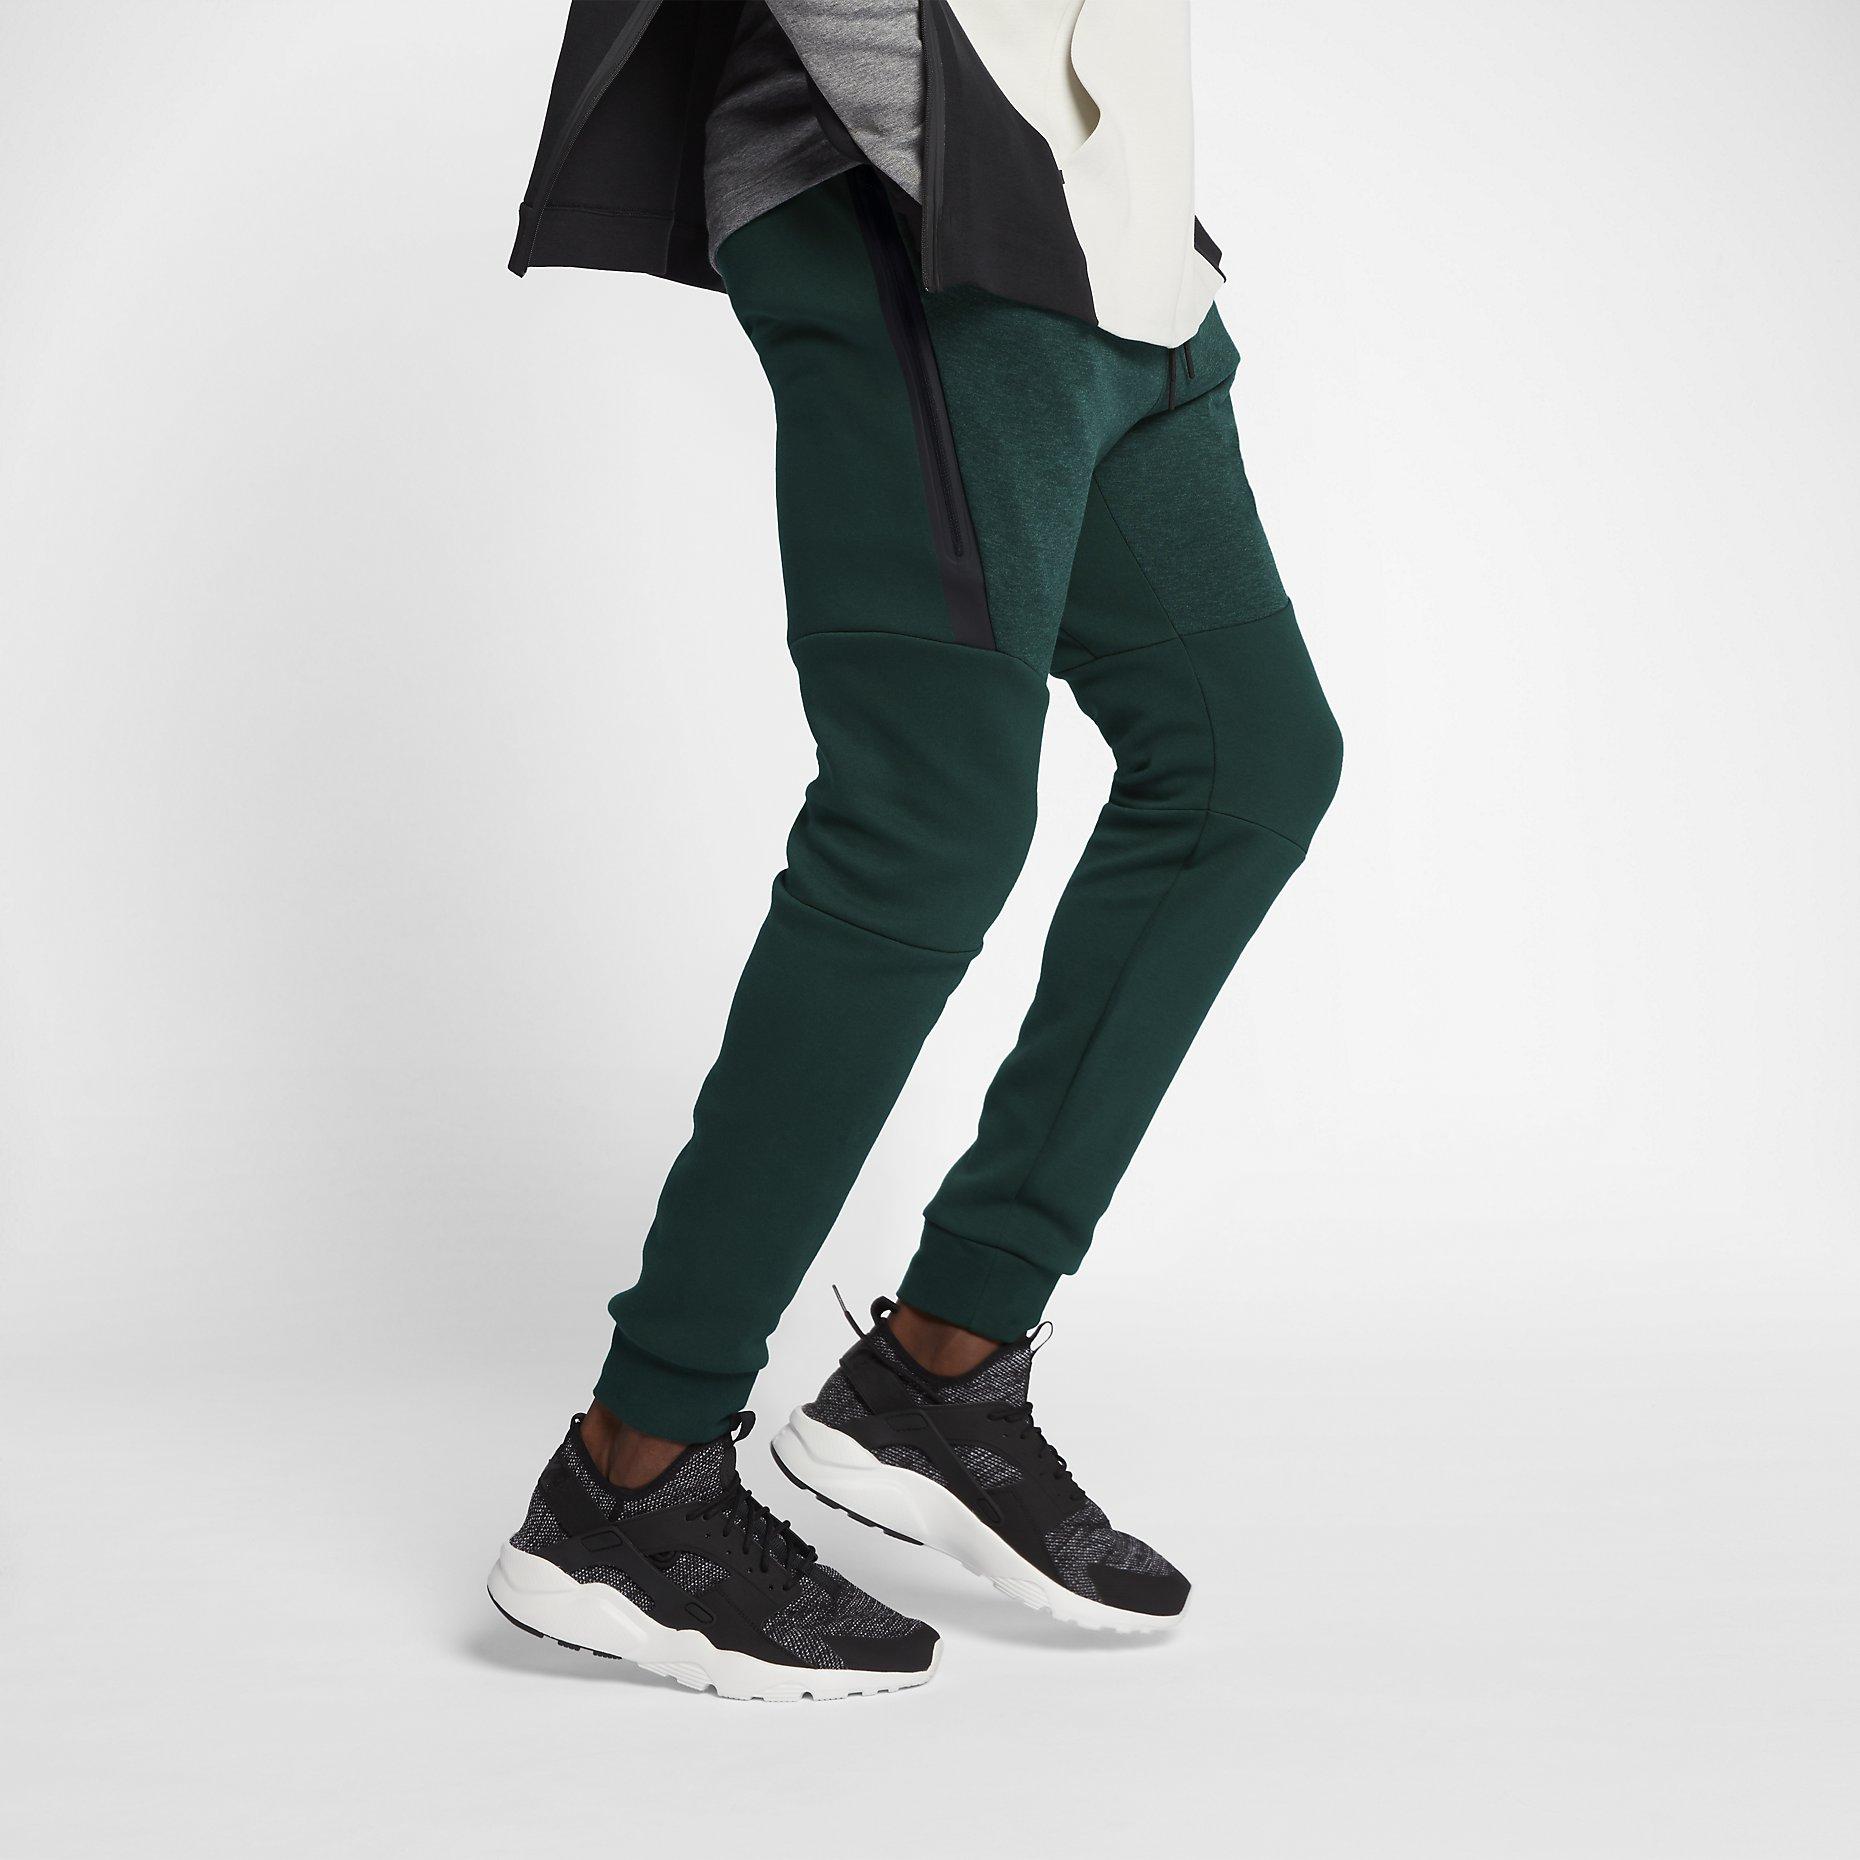 sportswear-tech-fleece-mens-joggers (5).jpg